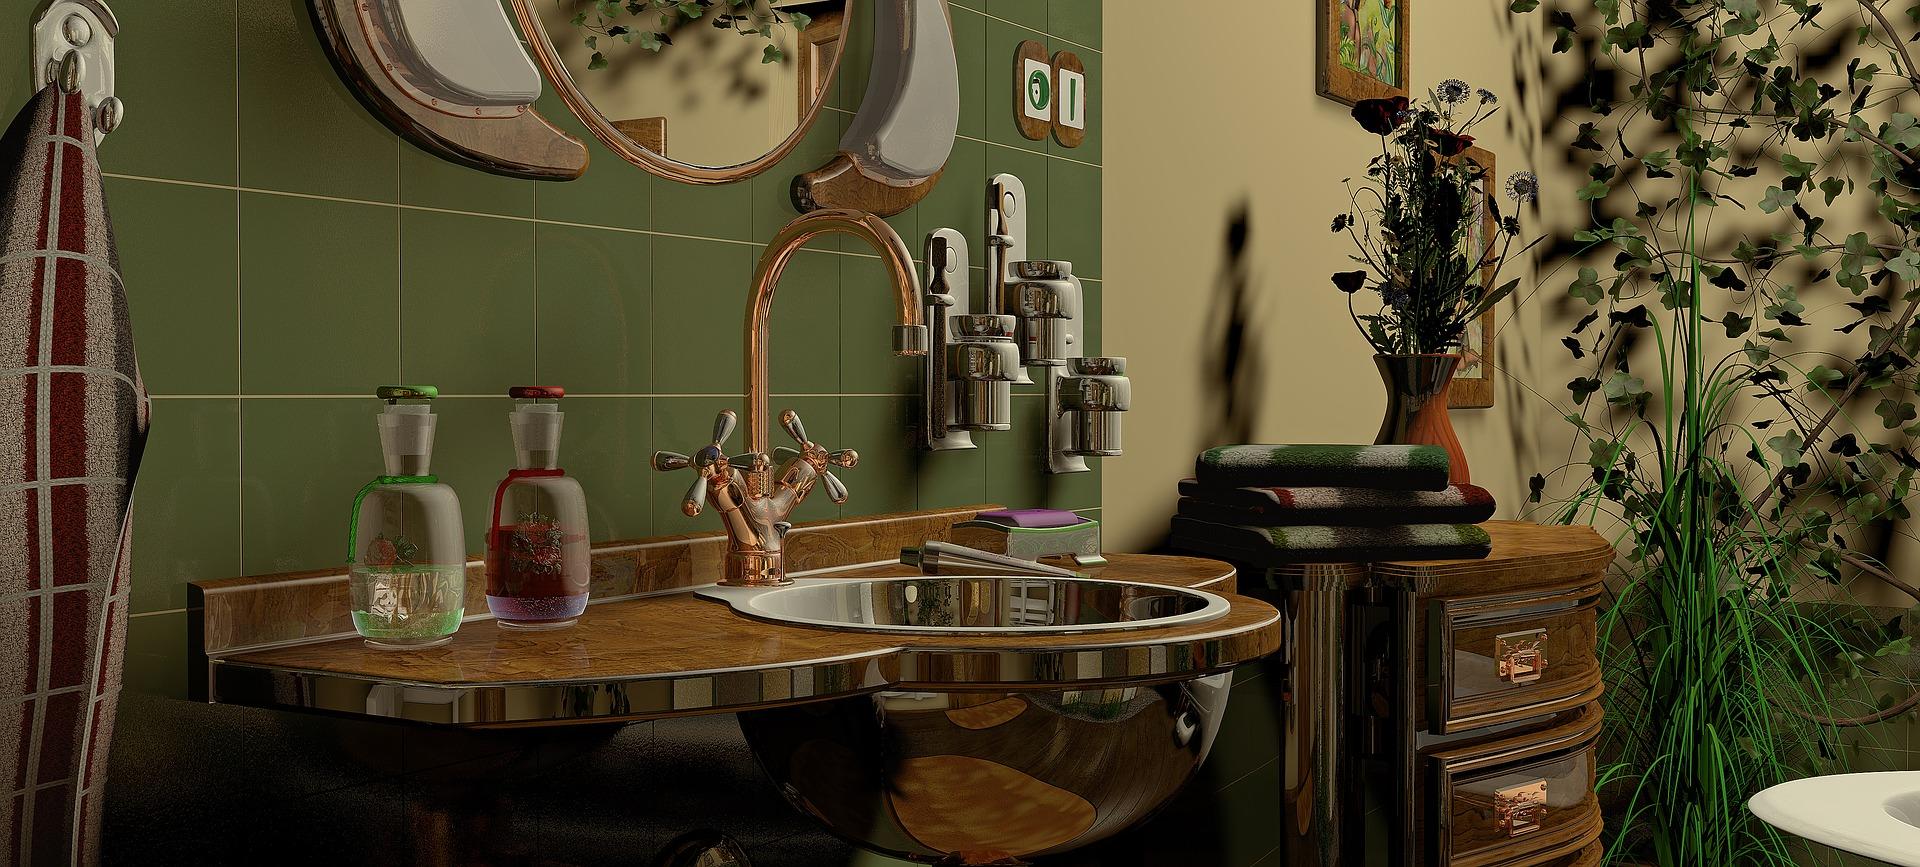 מוצרים לאמבטיה שיהפכו את האמבטיה שלכם ליוקרתית